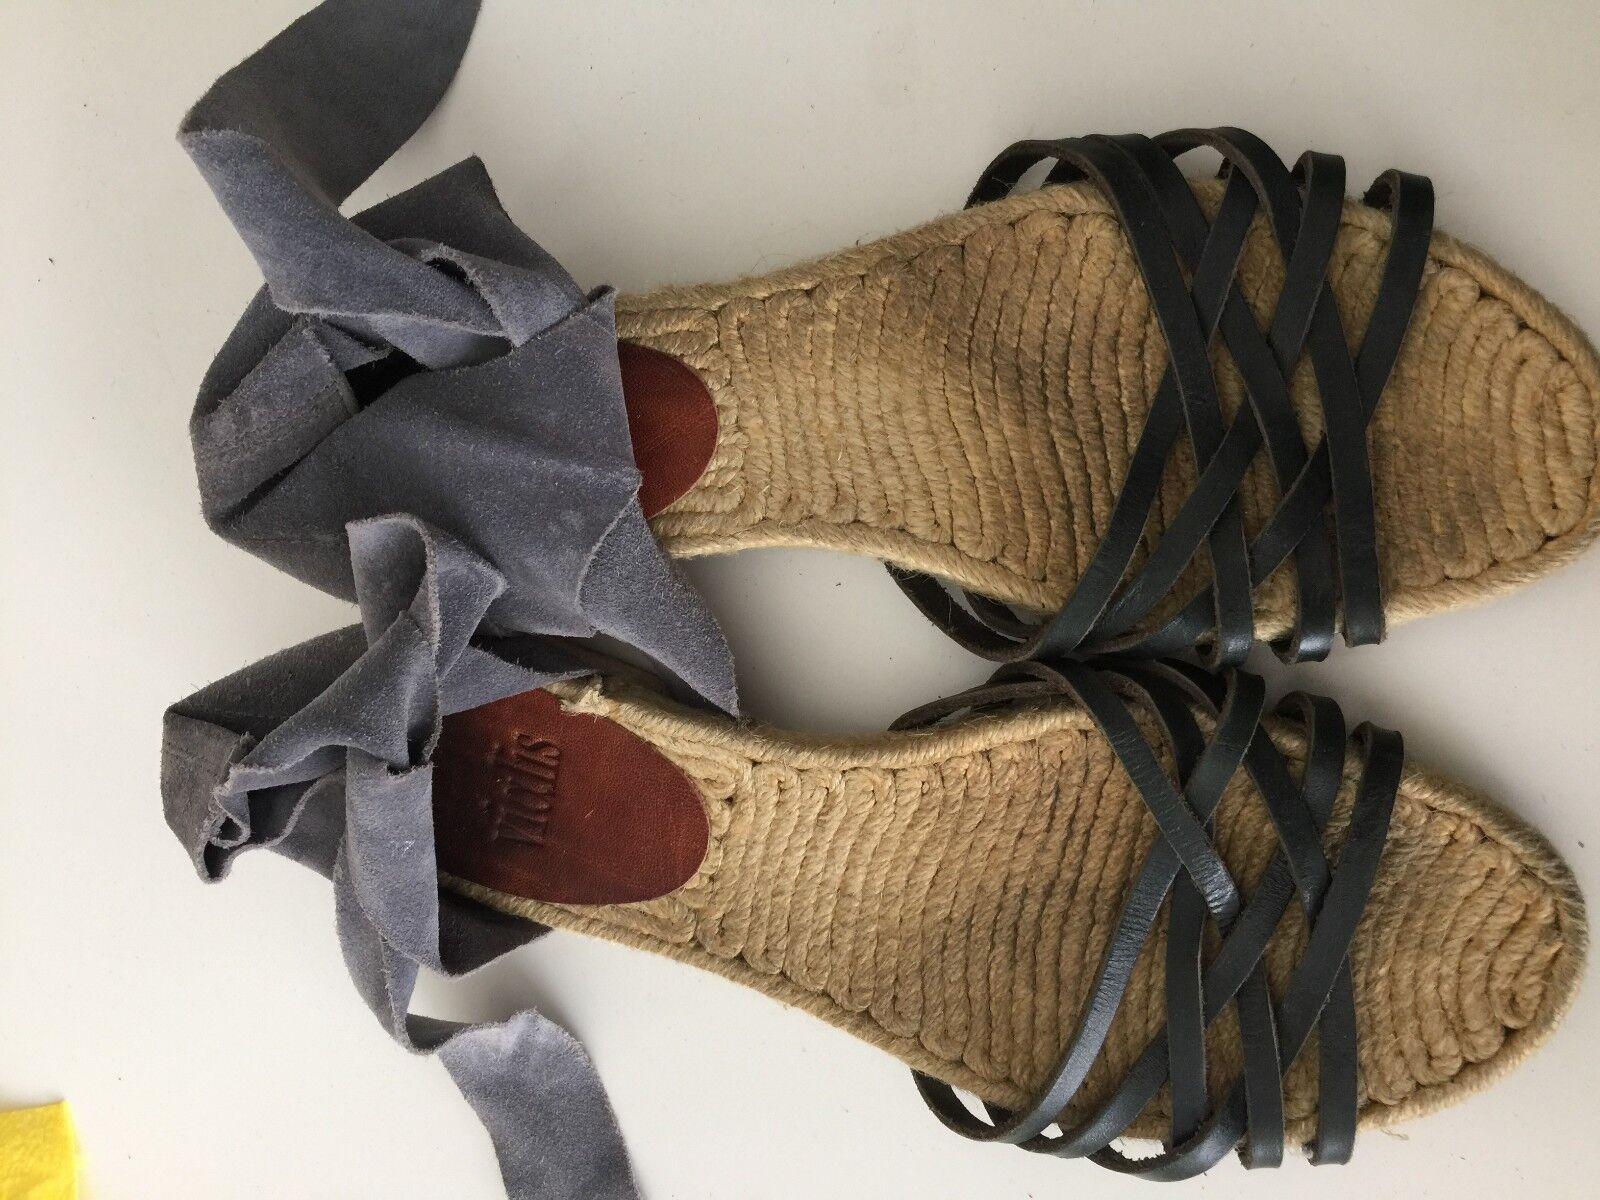 new product 8dca5 cbd47 Vialis sandals sandals sandals size 37 eur , us size 6.5 ...